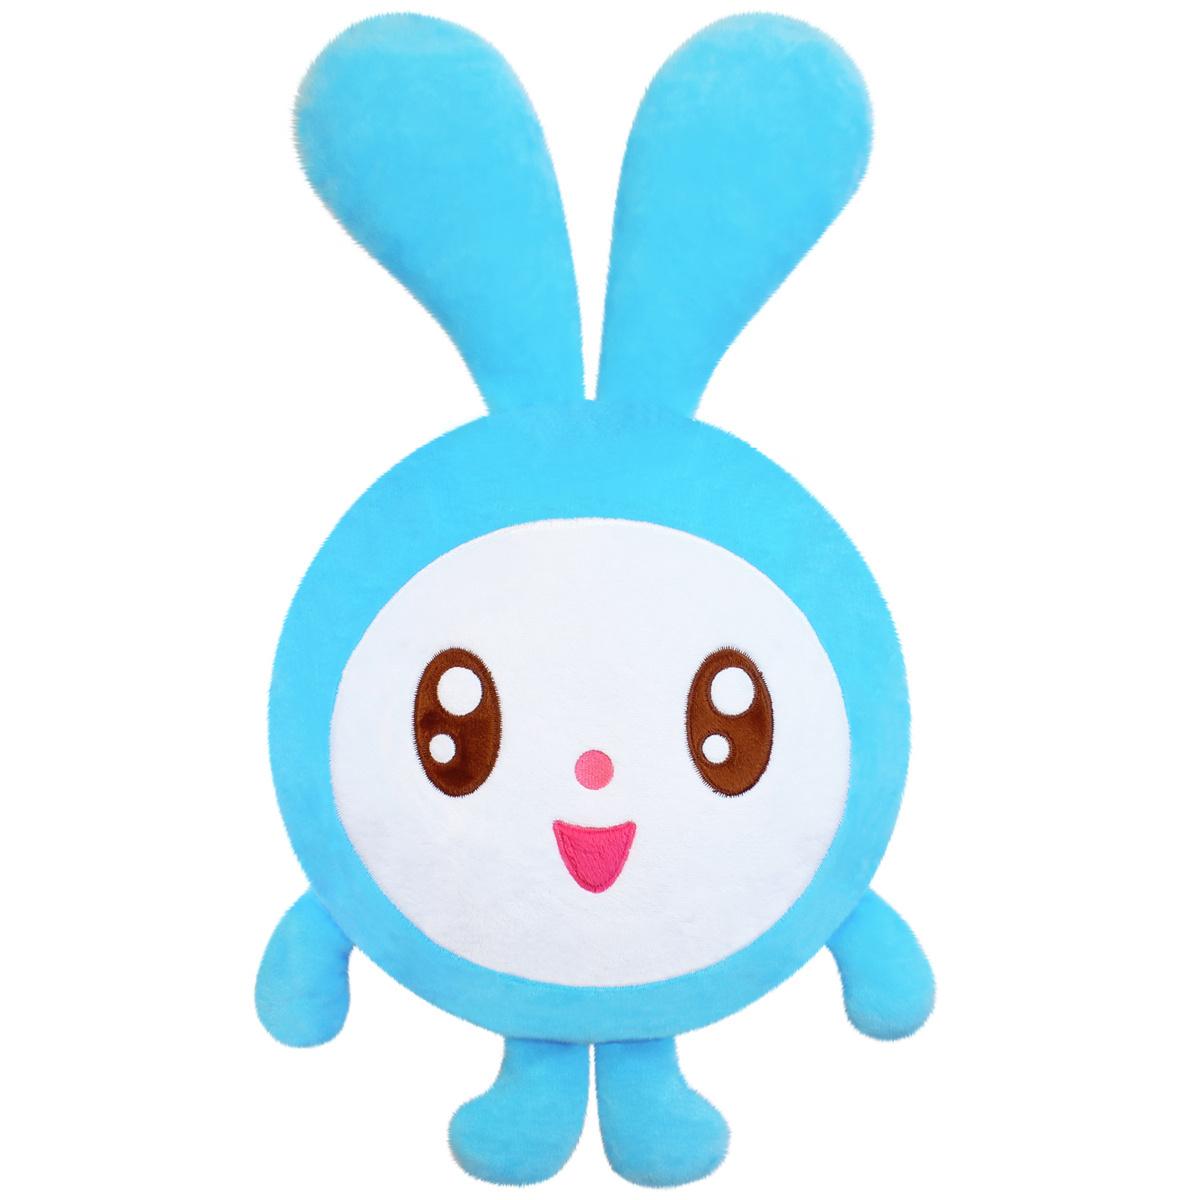 Игрушка подушка детская Малышарики: Крошик, Мякиши #1